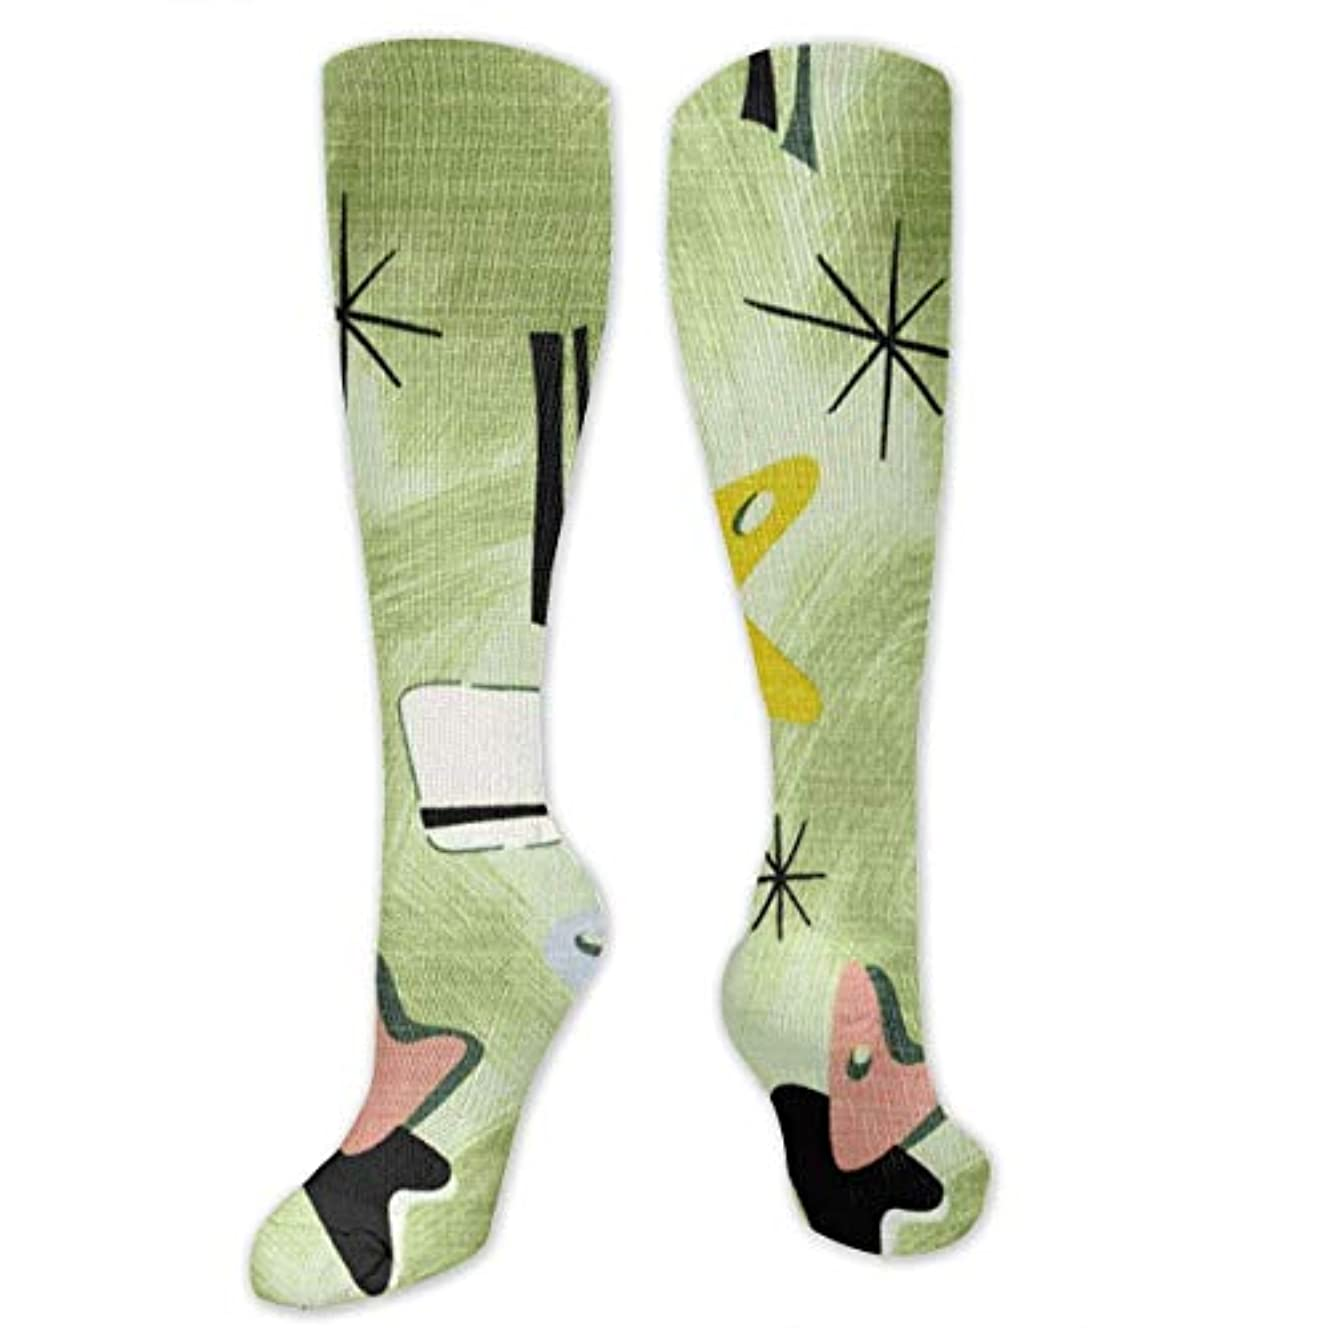 改善する工場安定した靴下,ストッキング,野生のジョーカー,実際,秋の本質,冬必須,サマーウェア&RBXAA Mid Century Airstream Socks Women's Winter Cotton Long Tube Socks...